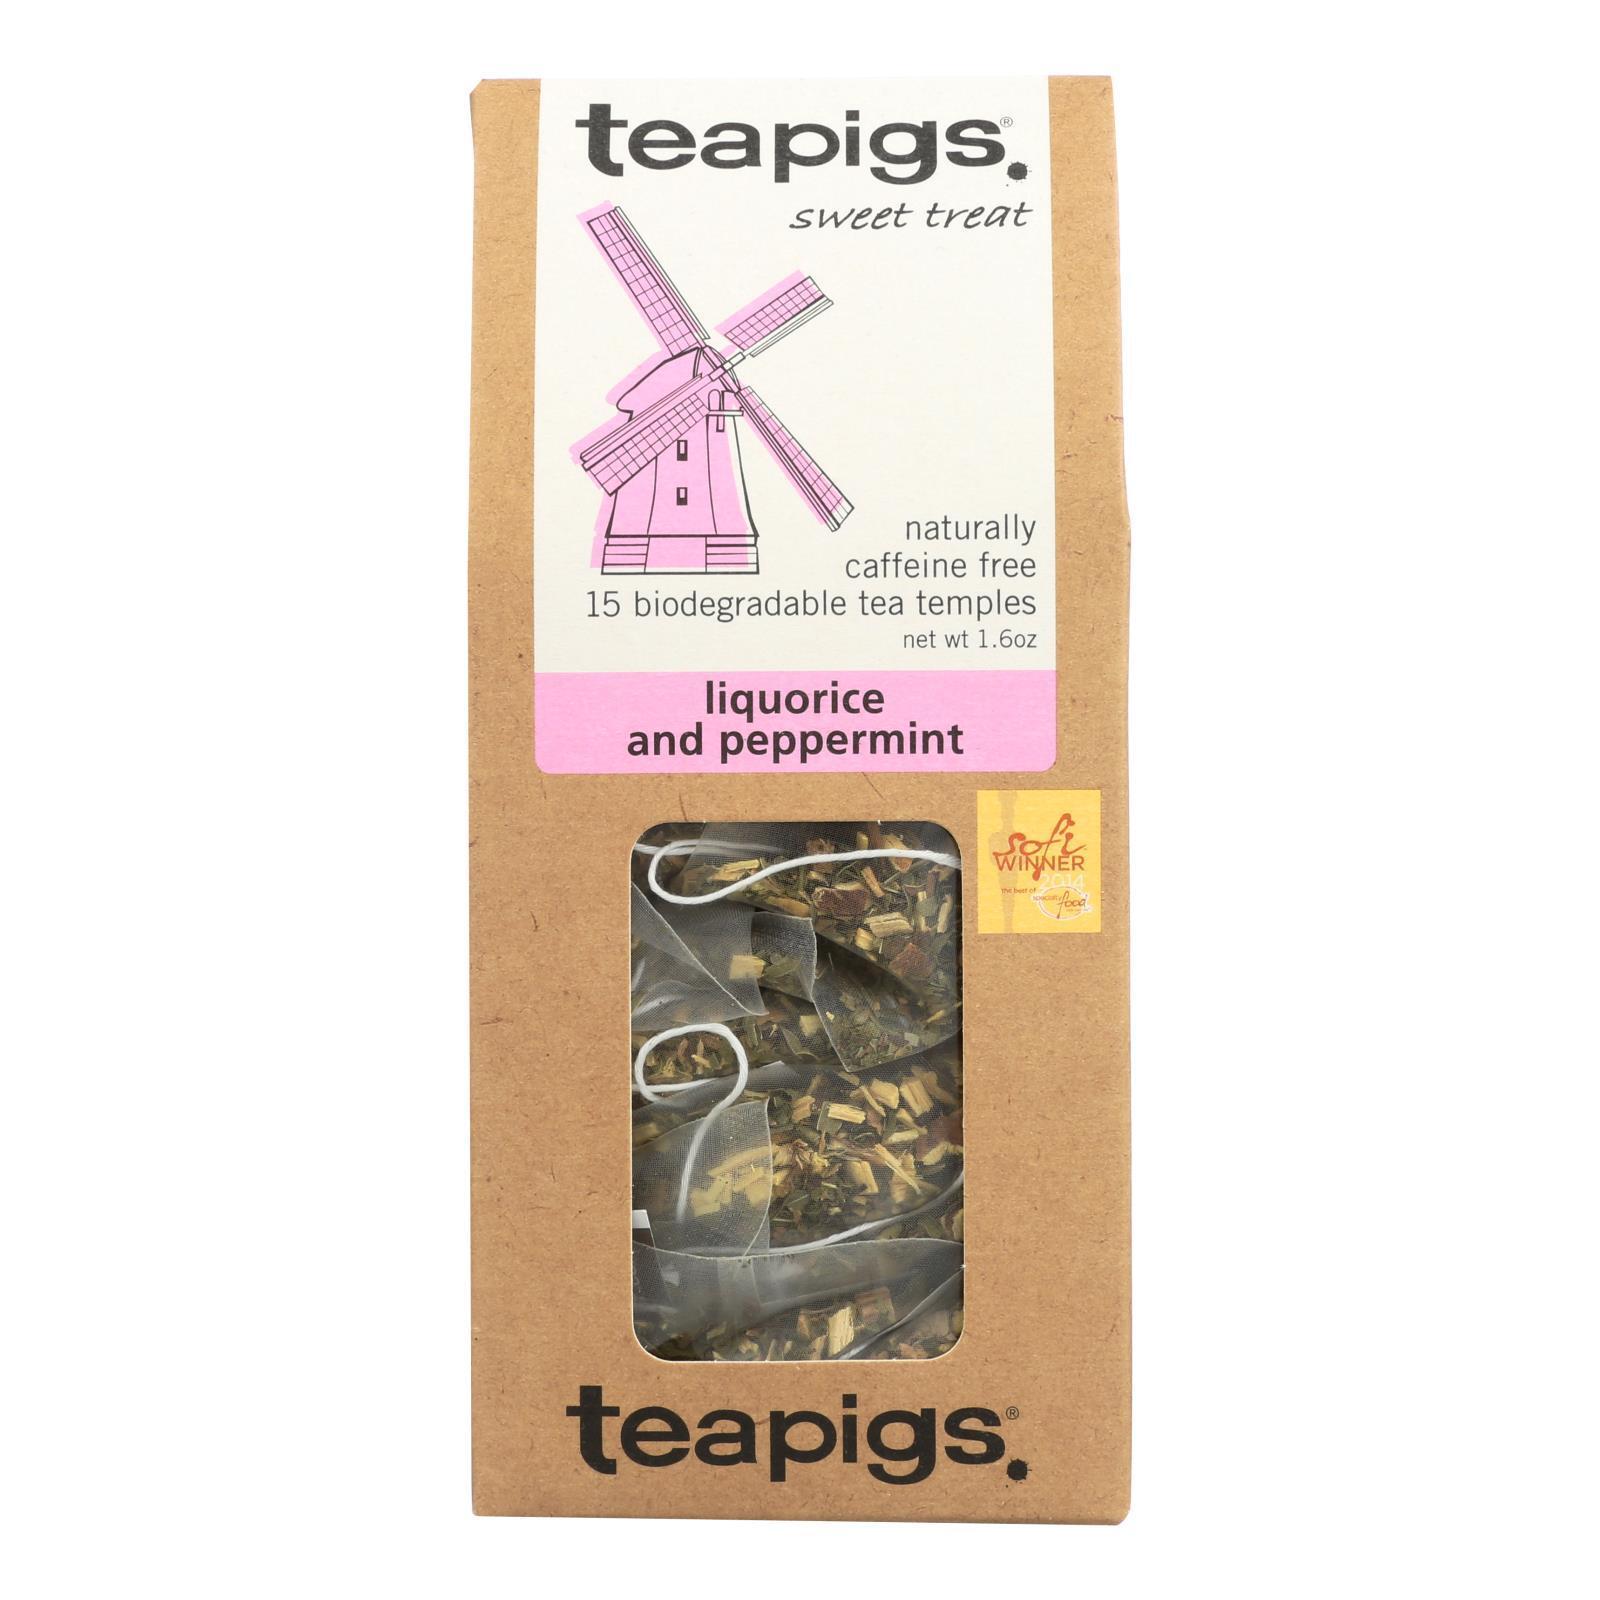 Teapigs Tea - Liquorice & Peppermnt - Case of 6 - 15 count